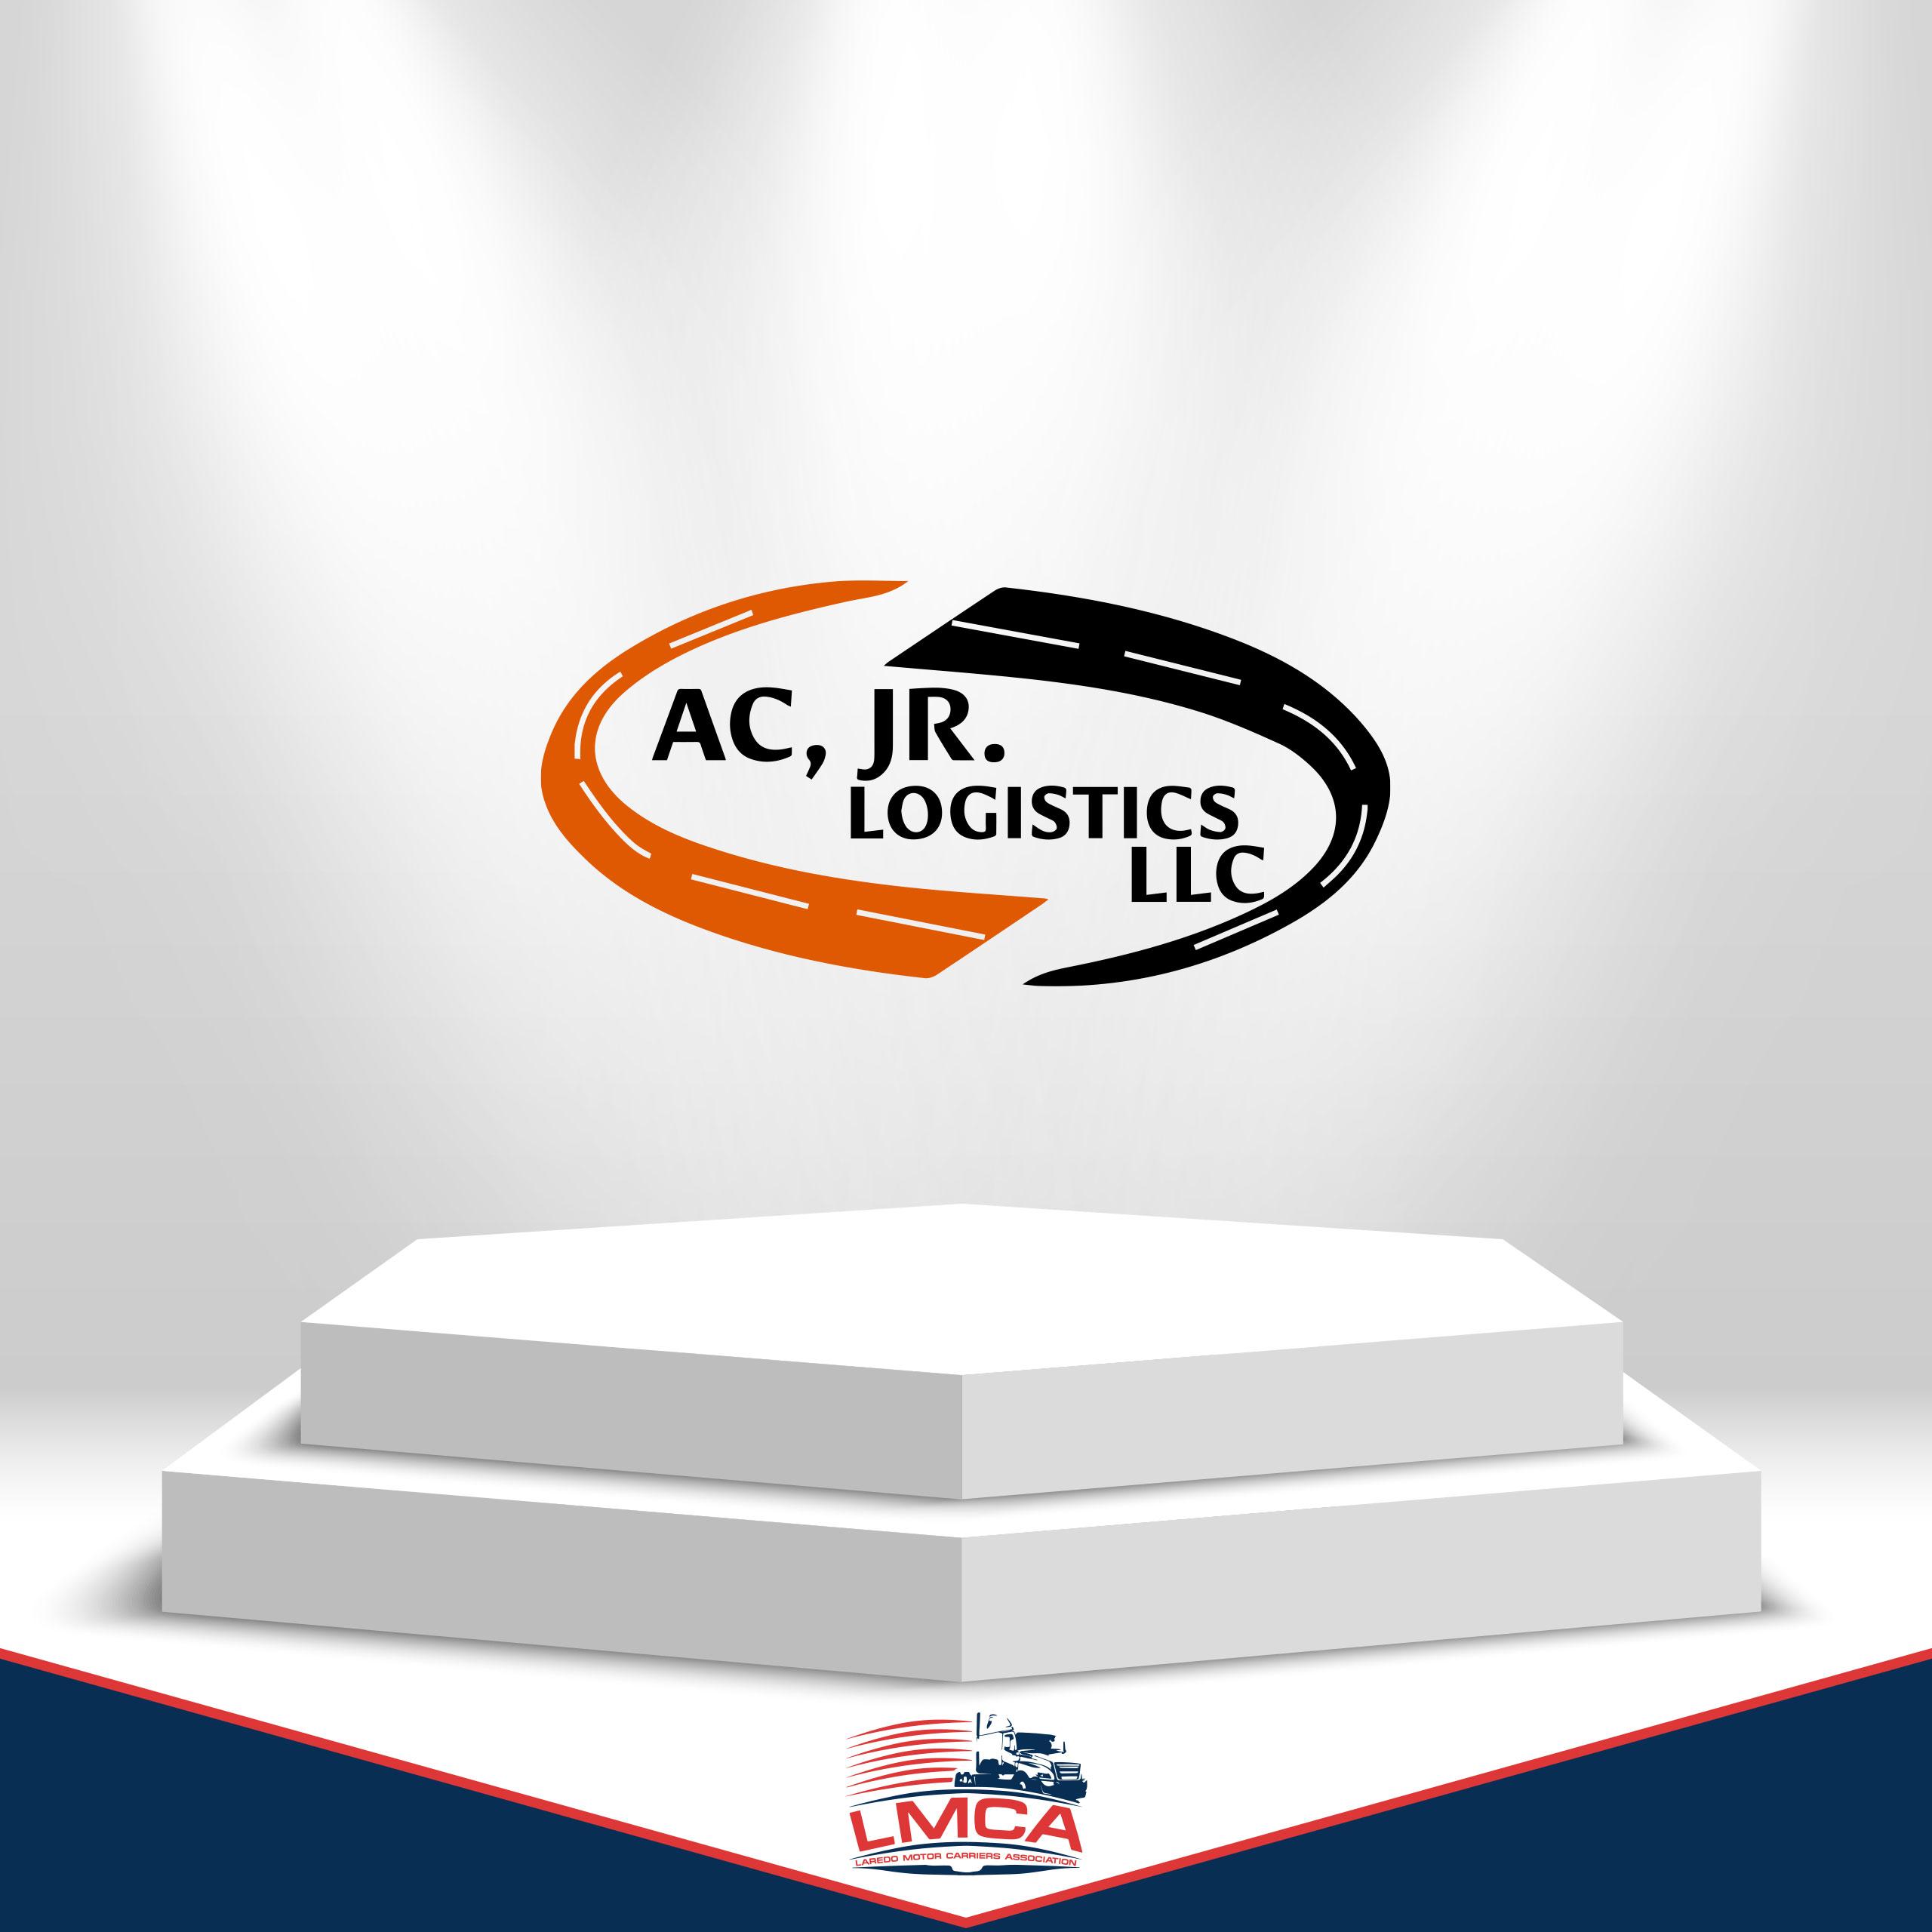 ac jr logistics